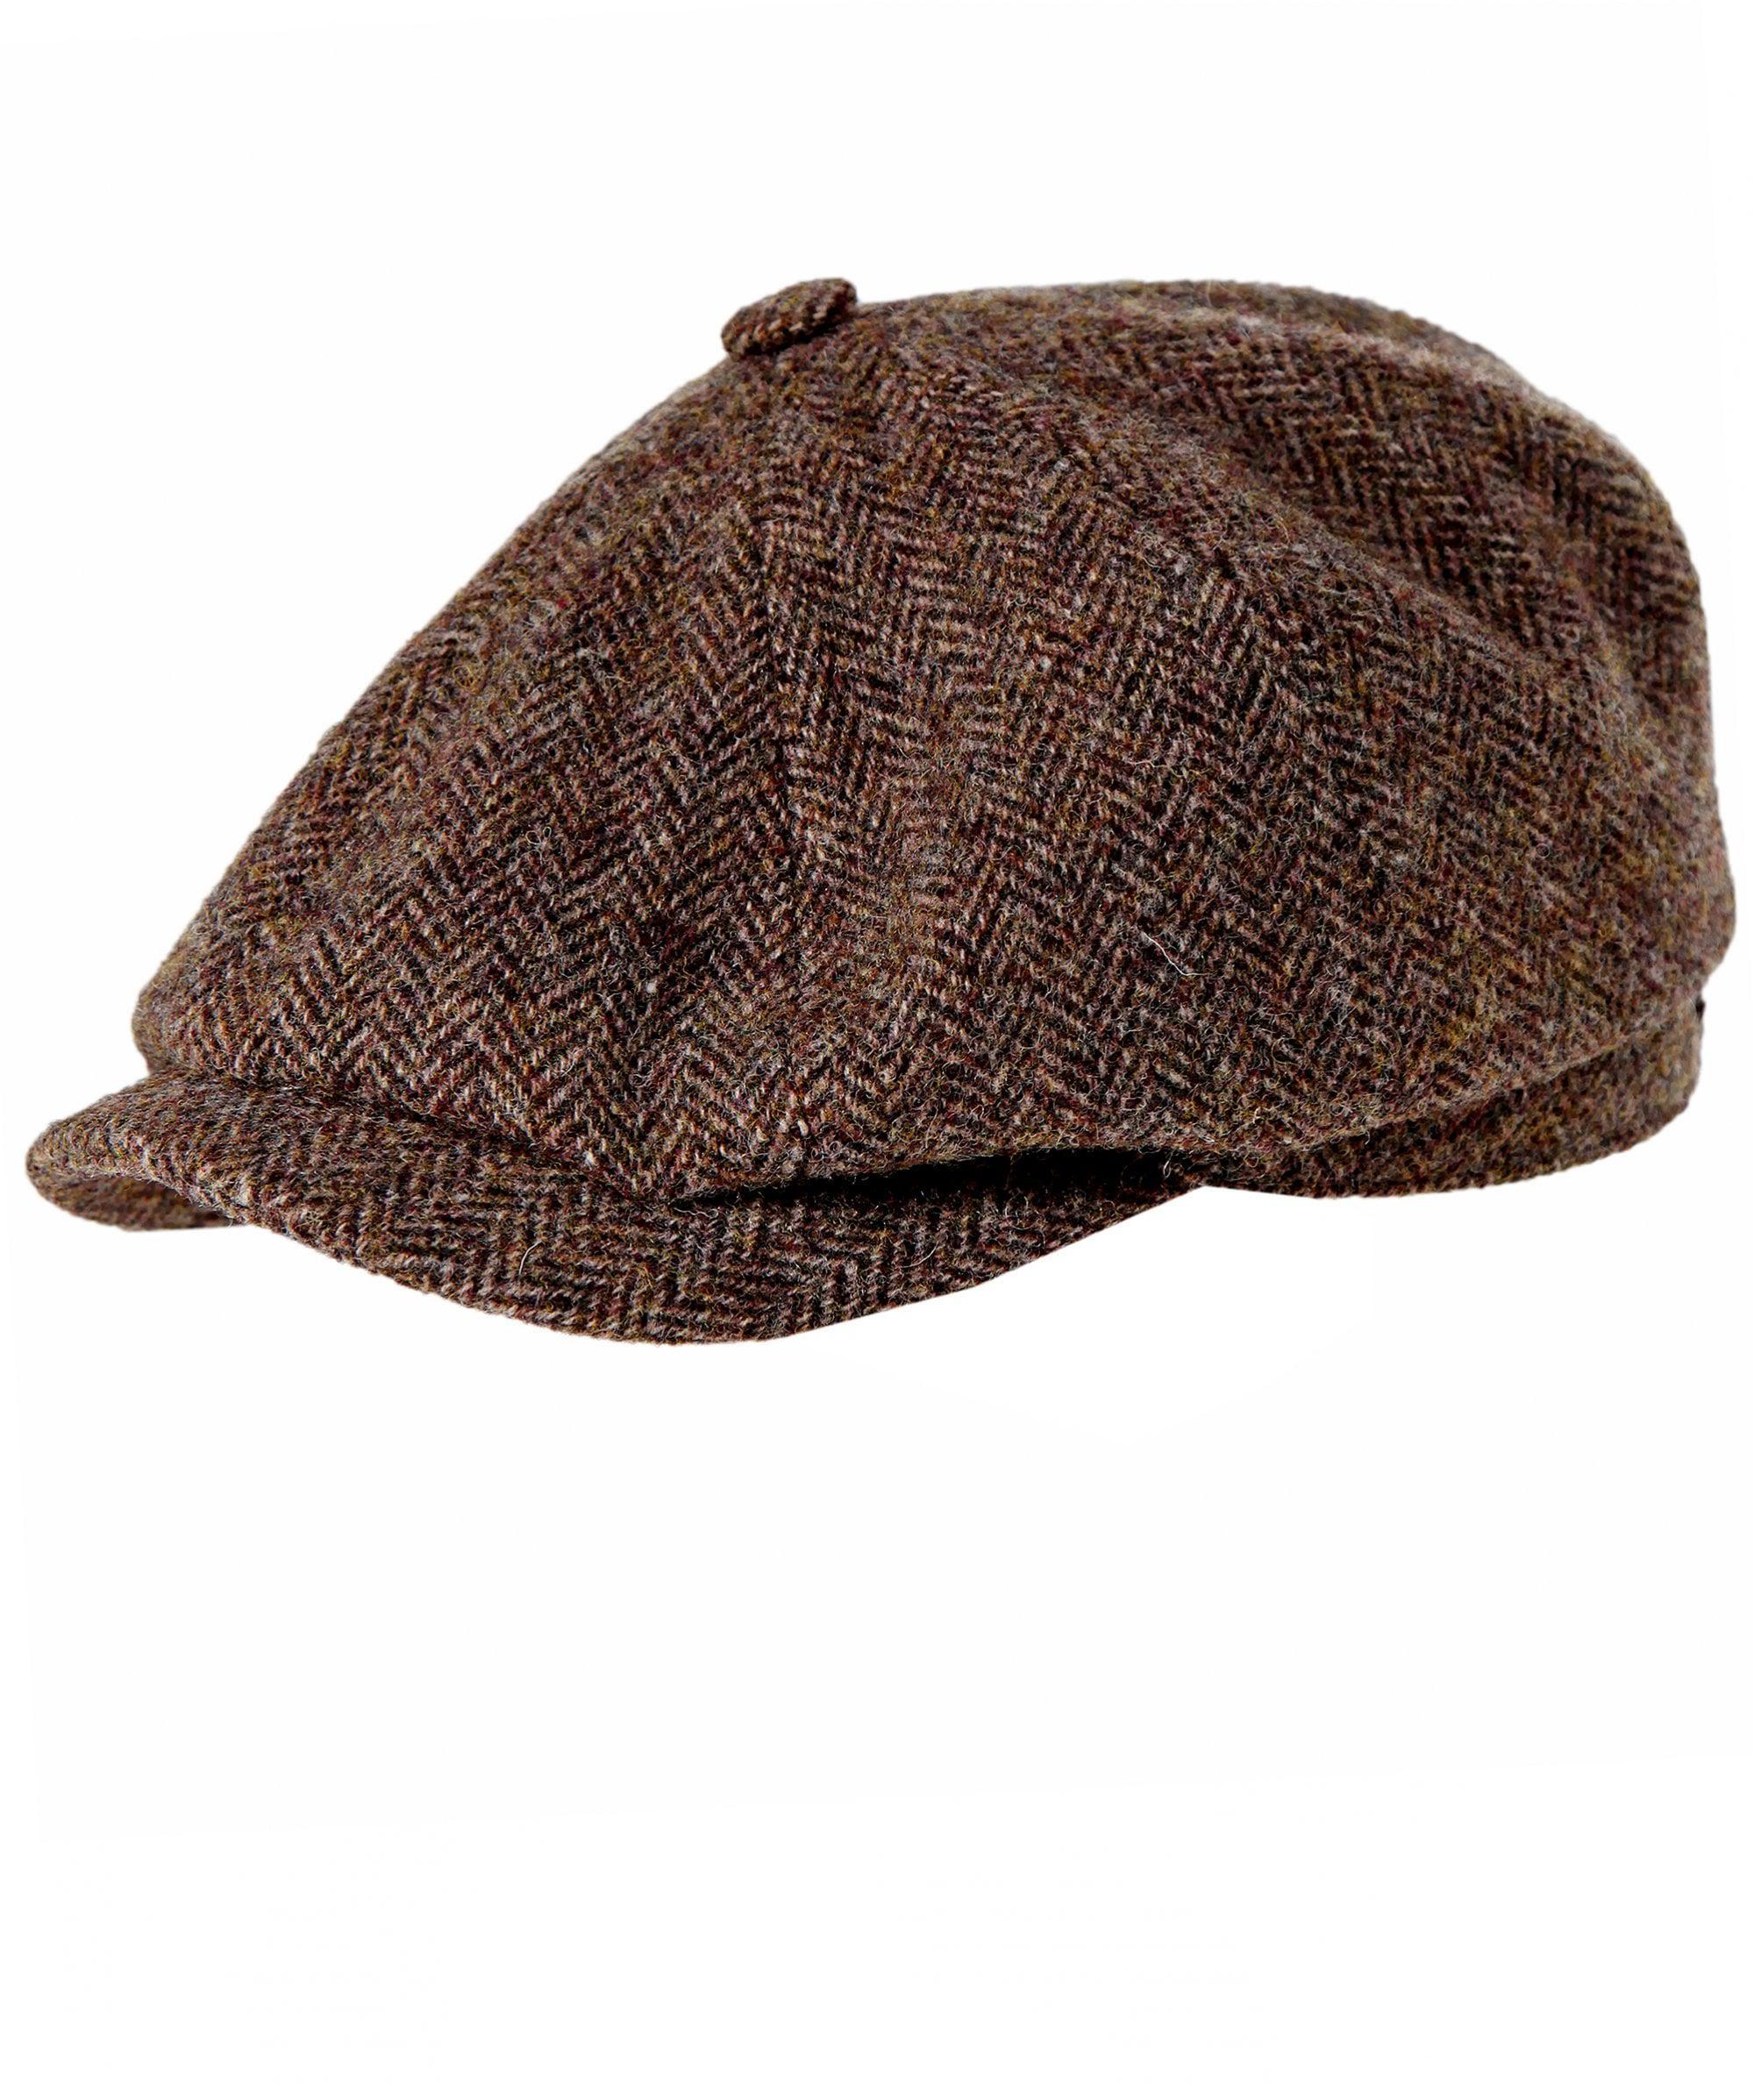 827b388fc15 Stetson Woven Linen Blend Hatteras Newsboy Cap in Brown for Men ...